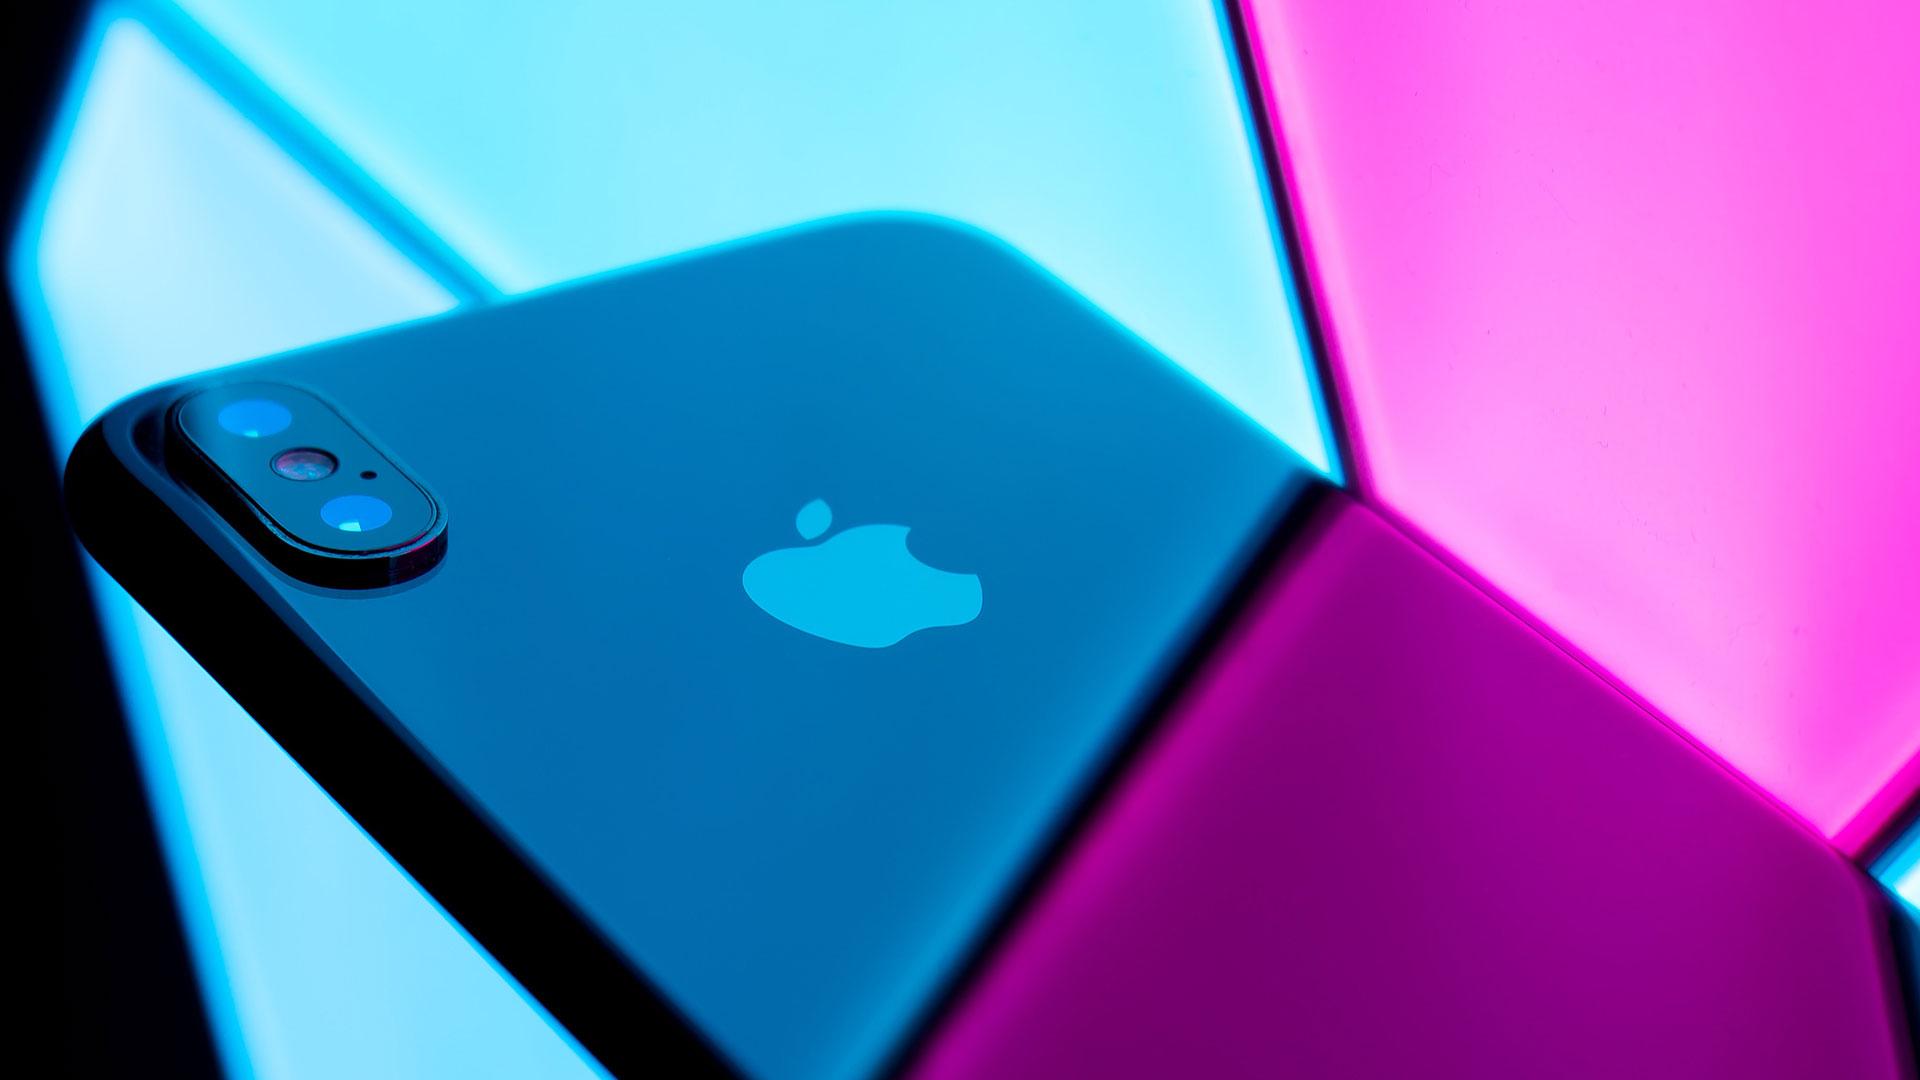 درآمد اپل در چارک اول سال ۲۰۲۰ رکوردشکنی کرد